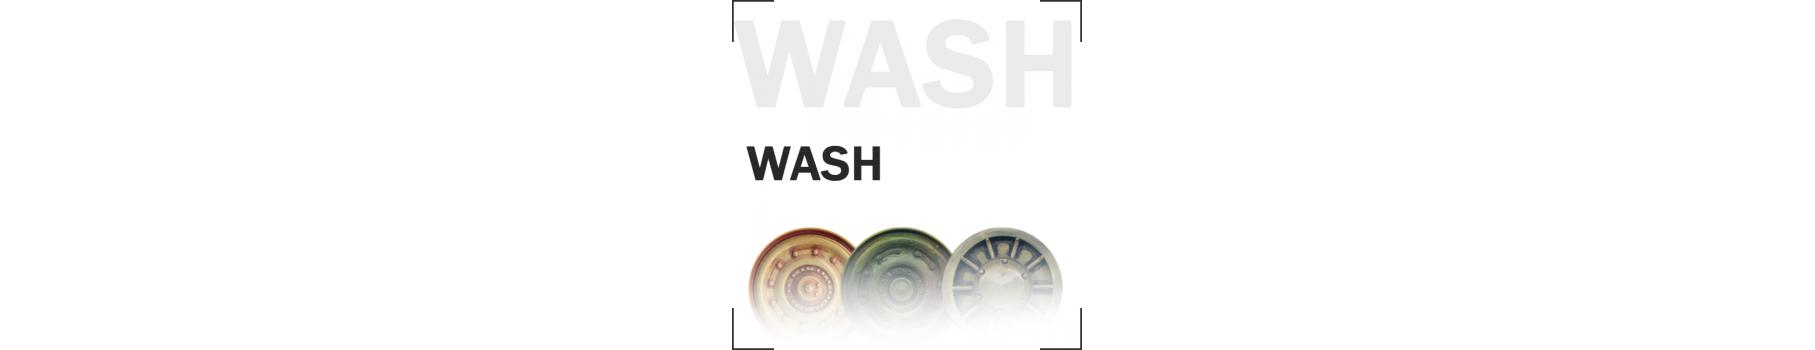 Les Wash